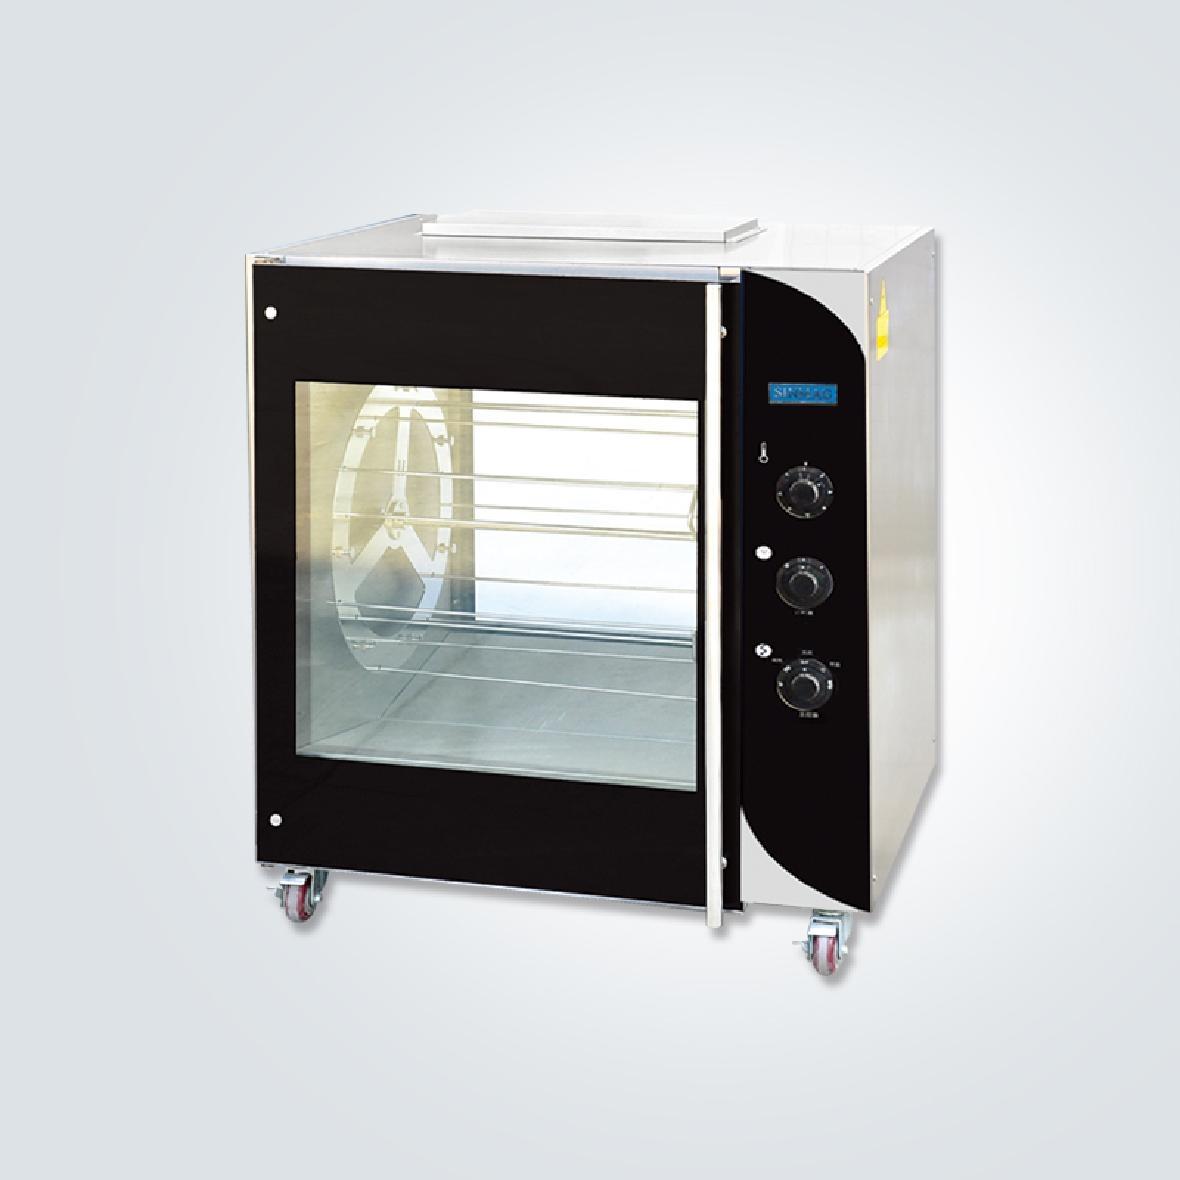 平面雙開門烤雞爐 SR8-PTF